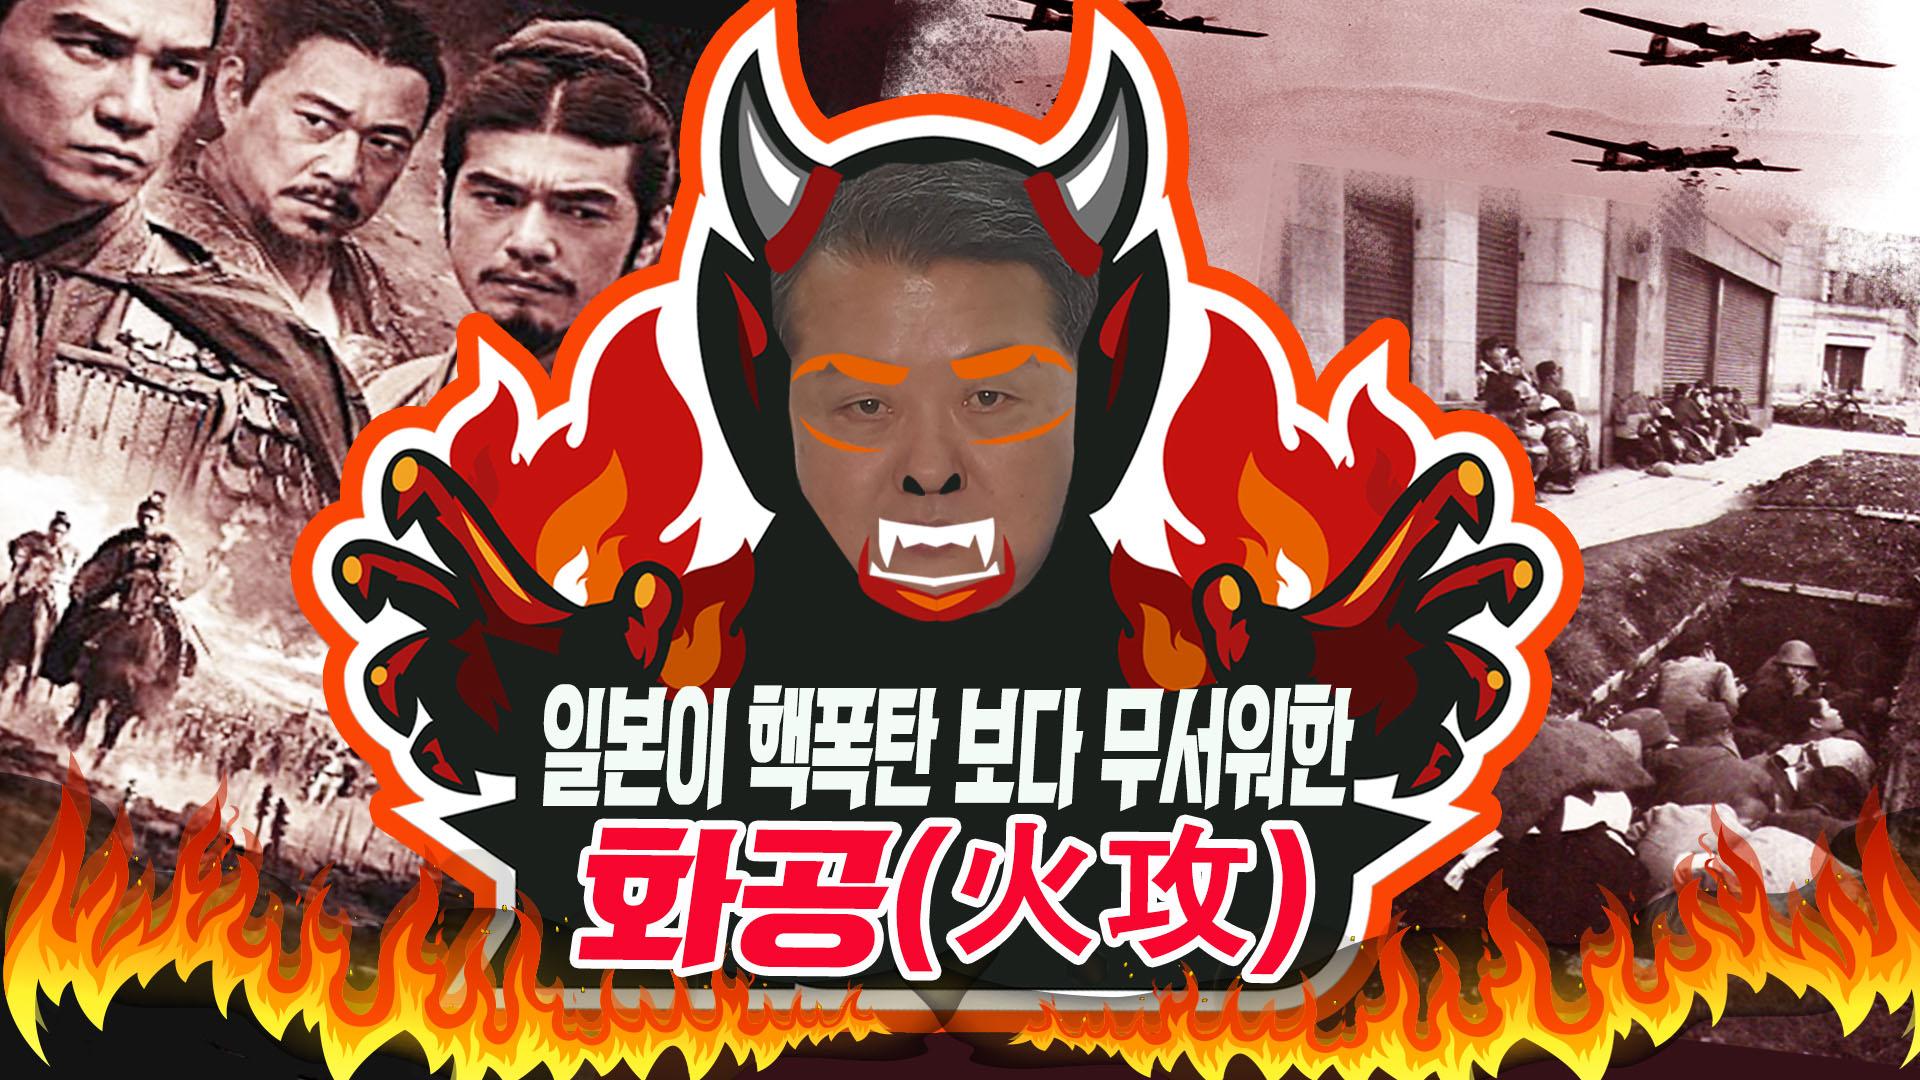 [순삭밀톡]김병주의 손자병법16